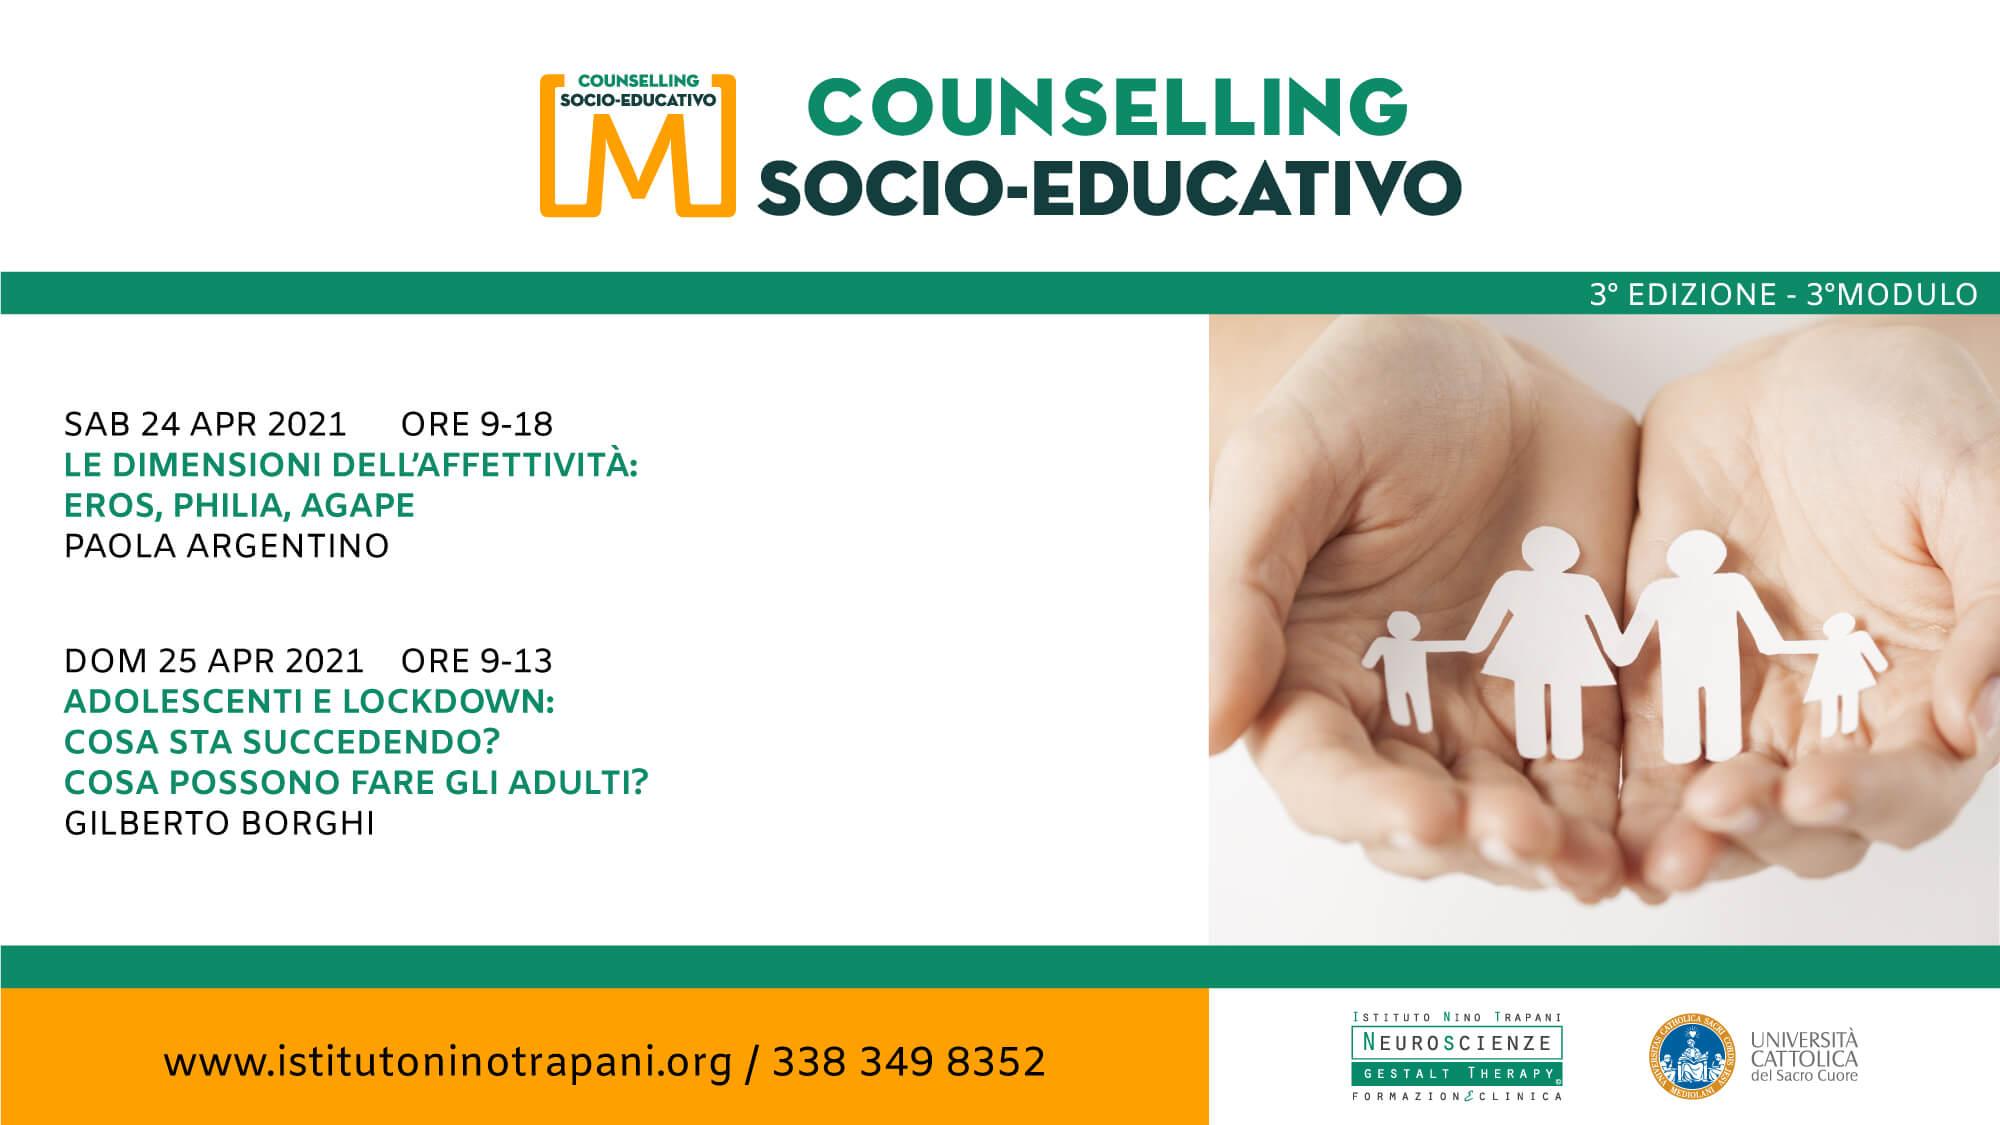 Master in Counselling socio-educativo ed. 3. Terzo Modulo